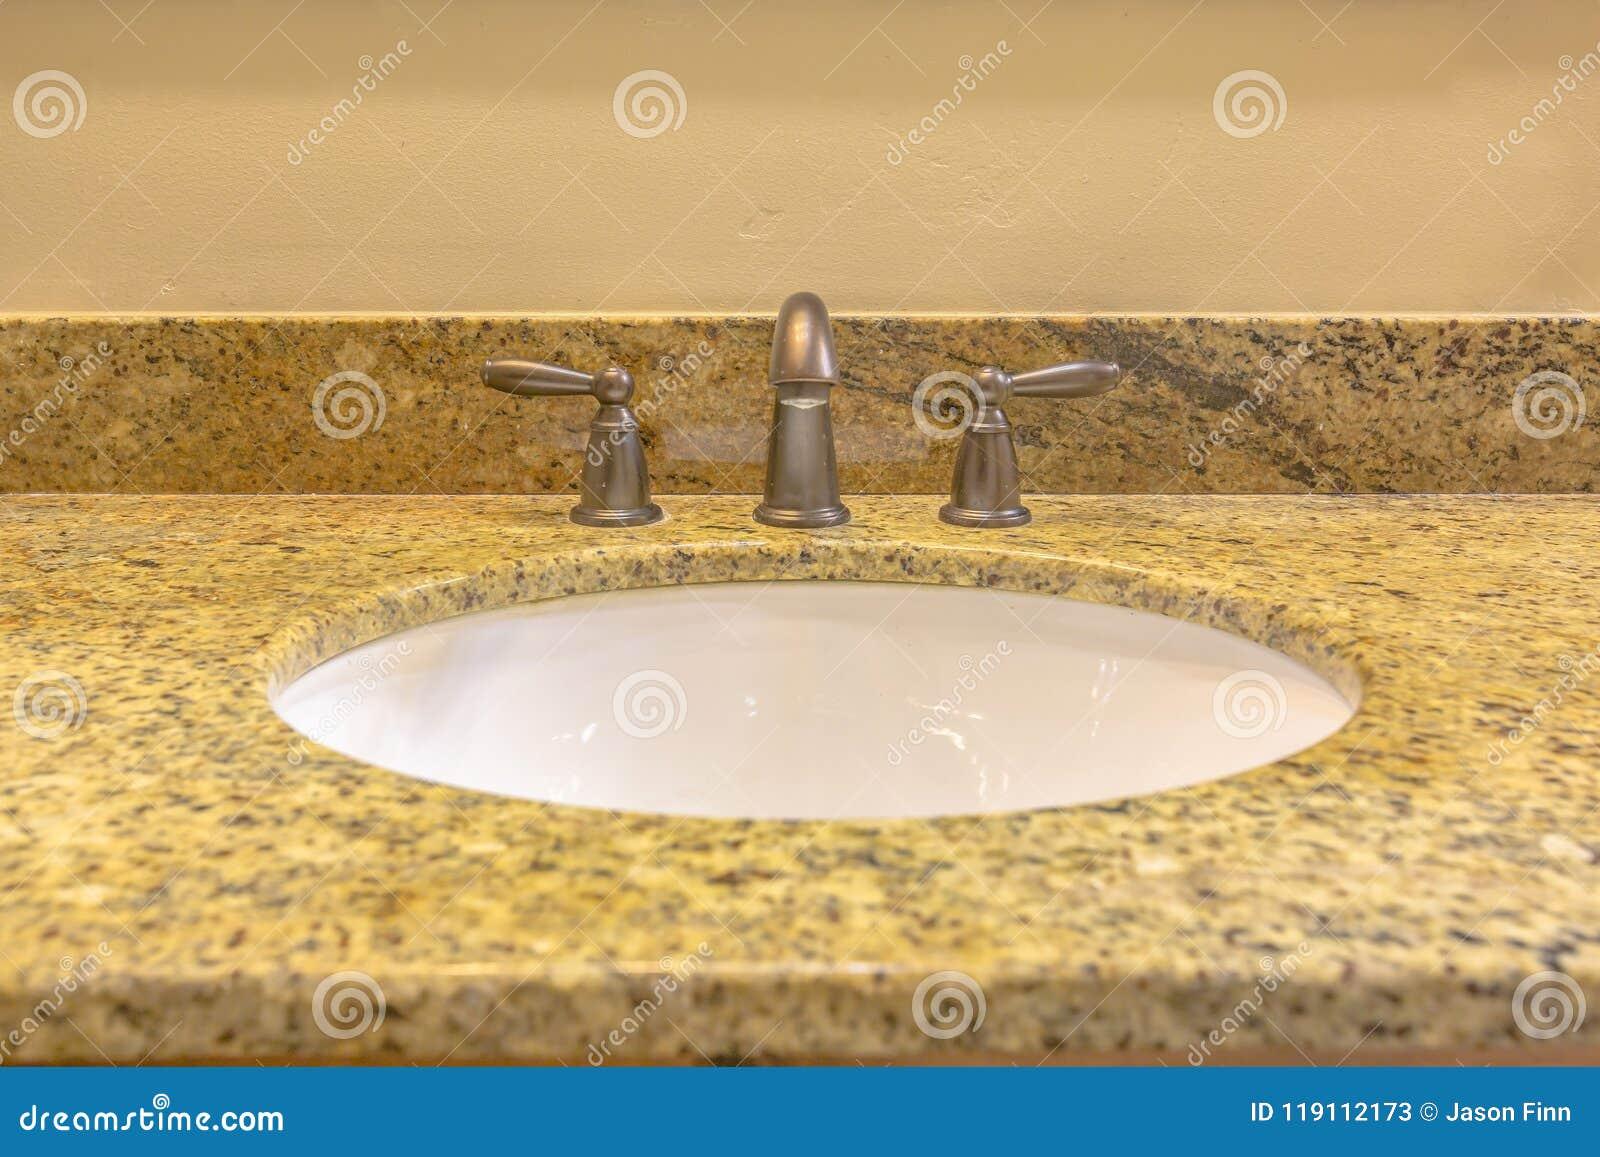 Clean granite sink in bathroom of model home